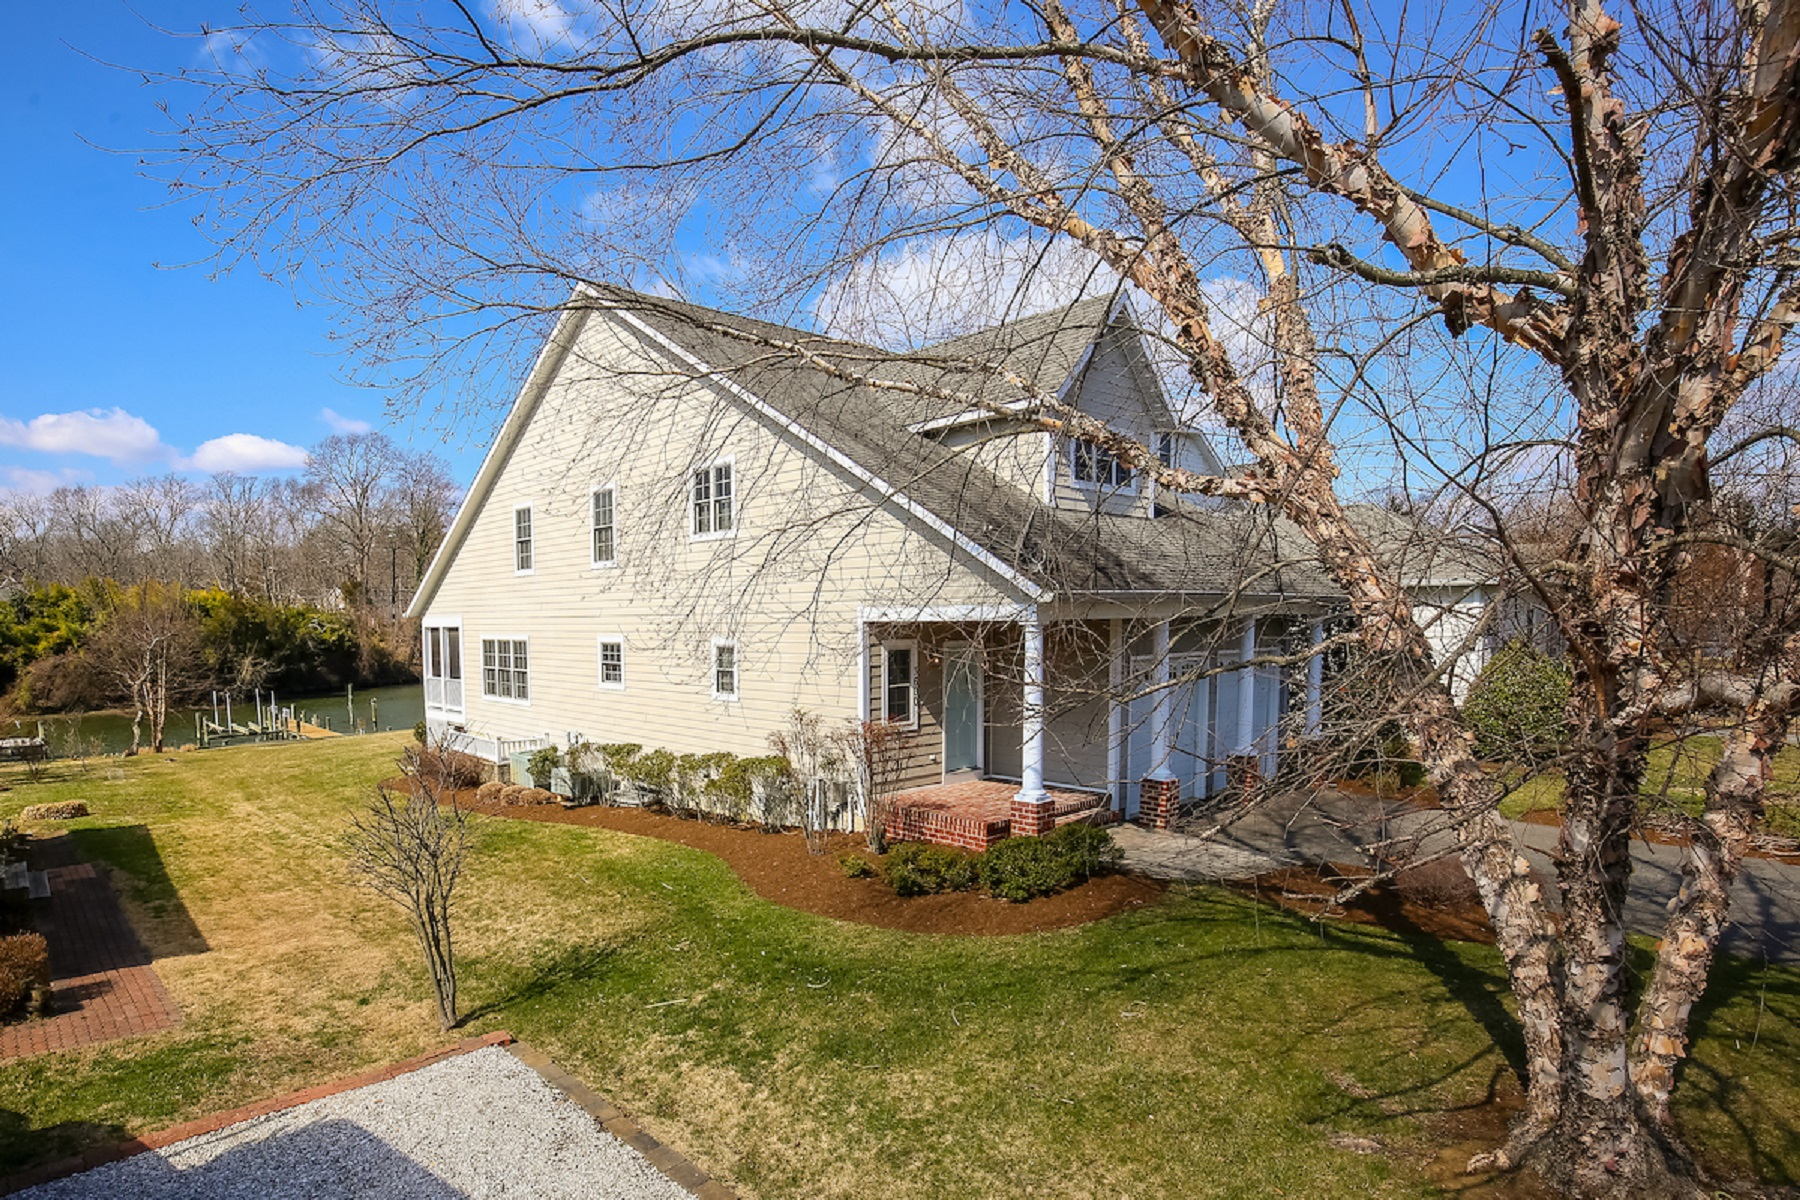 Maison unifamiliale pour l Vente à Loch Haven Beach 3600 South River Terrace, Edgewater, Maryland, 21037 États-Unis